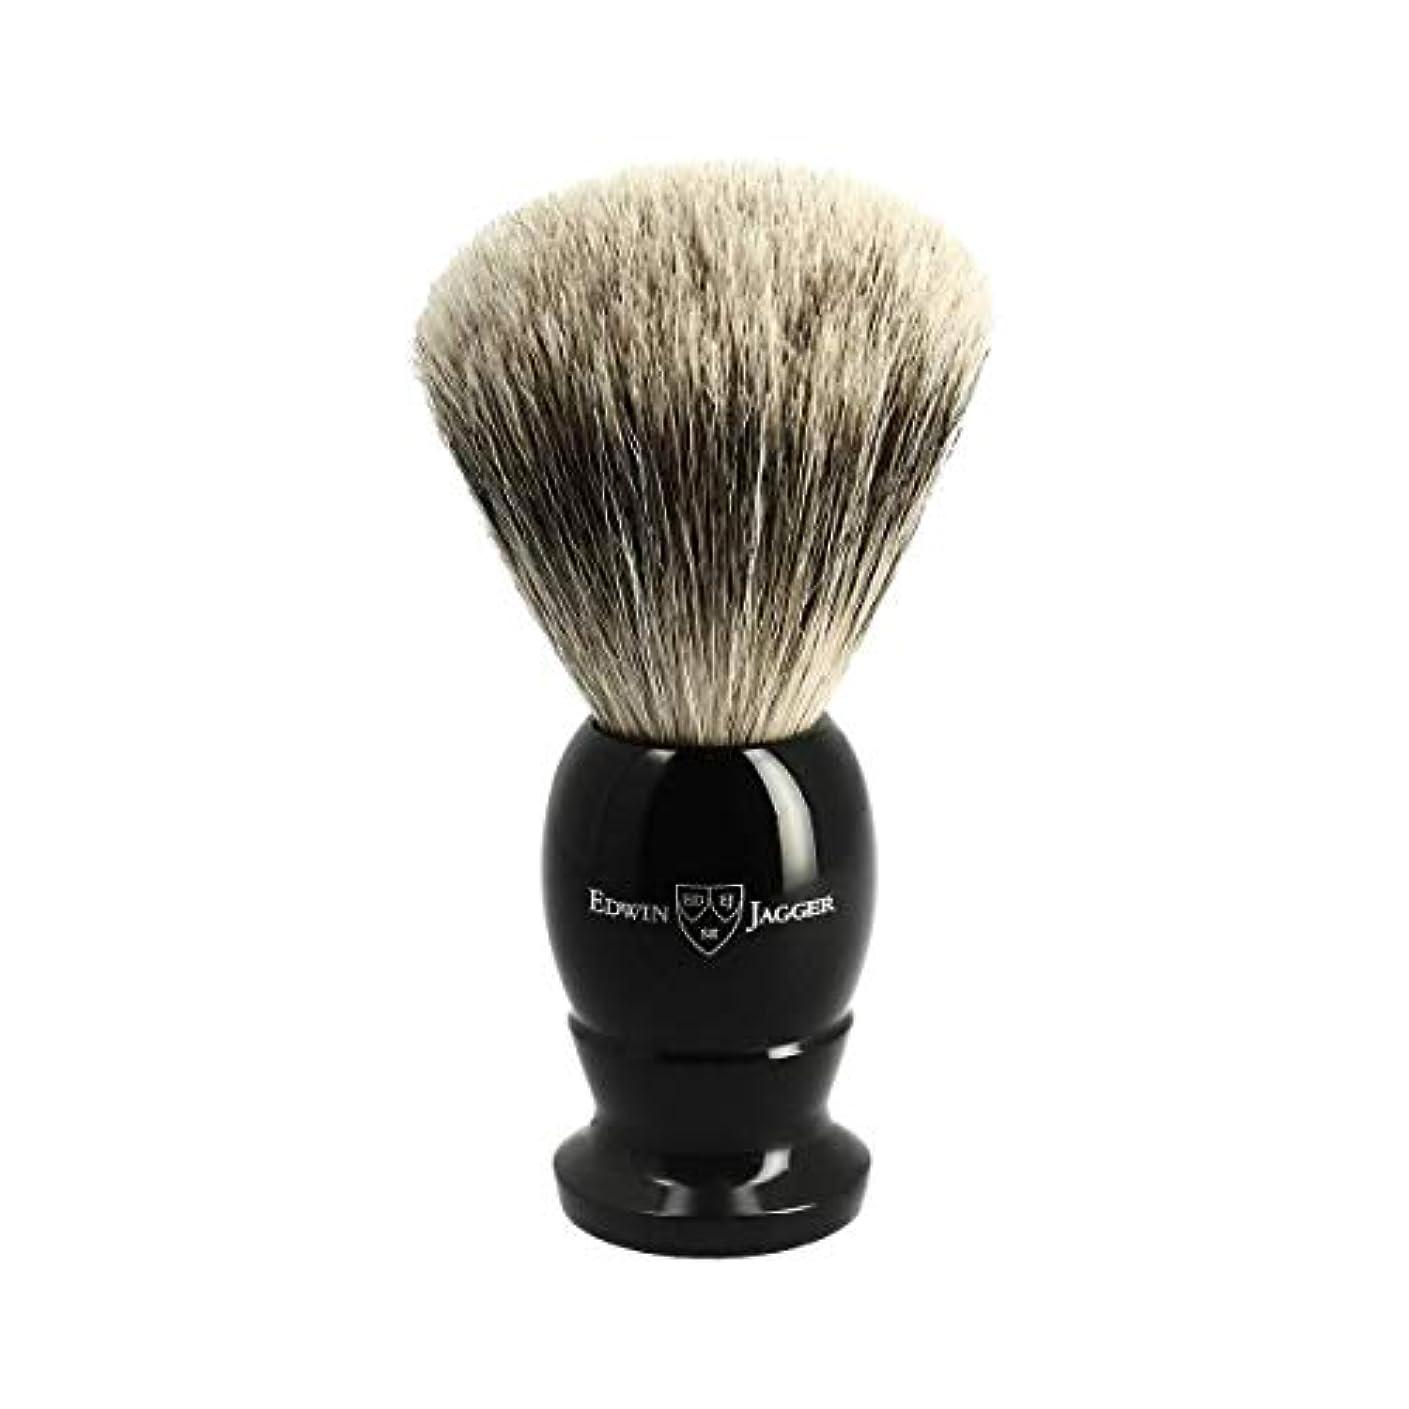 けん引泥だらけ凶暴なエドウィンジャガー ベストバッジャーアナグマ毛 エボニーシェービングブラシ大3EJ876[海外直送品]Edwin Jagger Best Badger Ebony Shaving Brush Large 3EJ876 [...